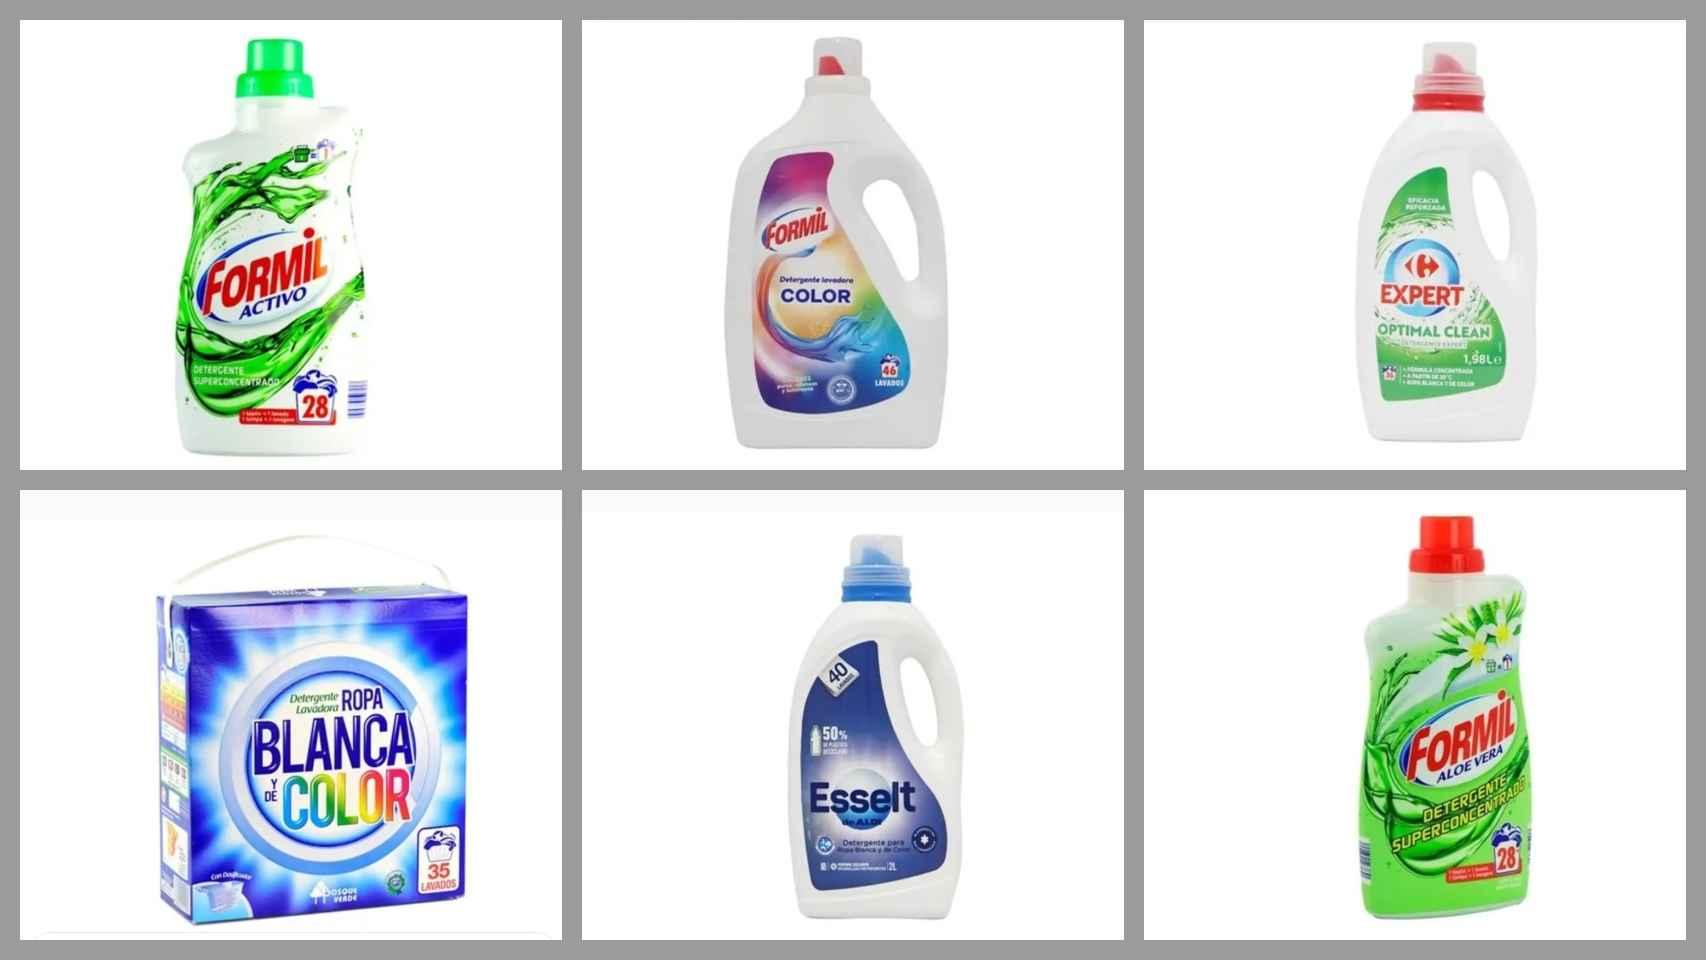 Los 12 mejores y peores detergentes de marca blanca según la OCU: